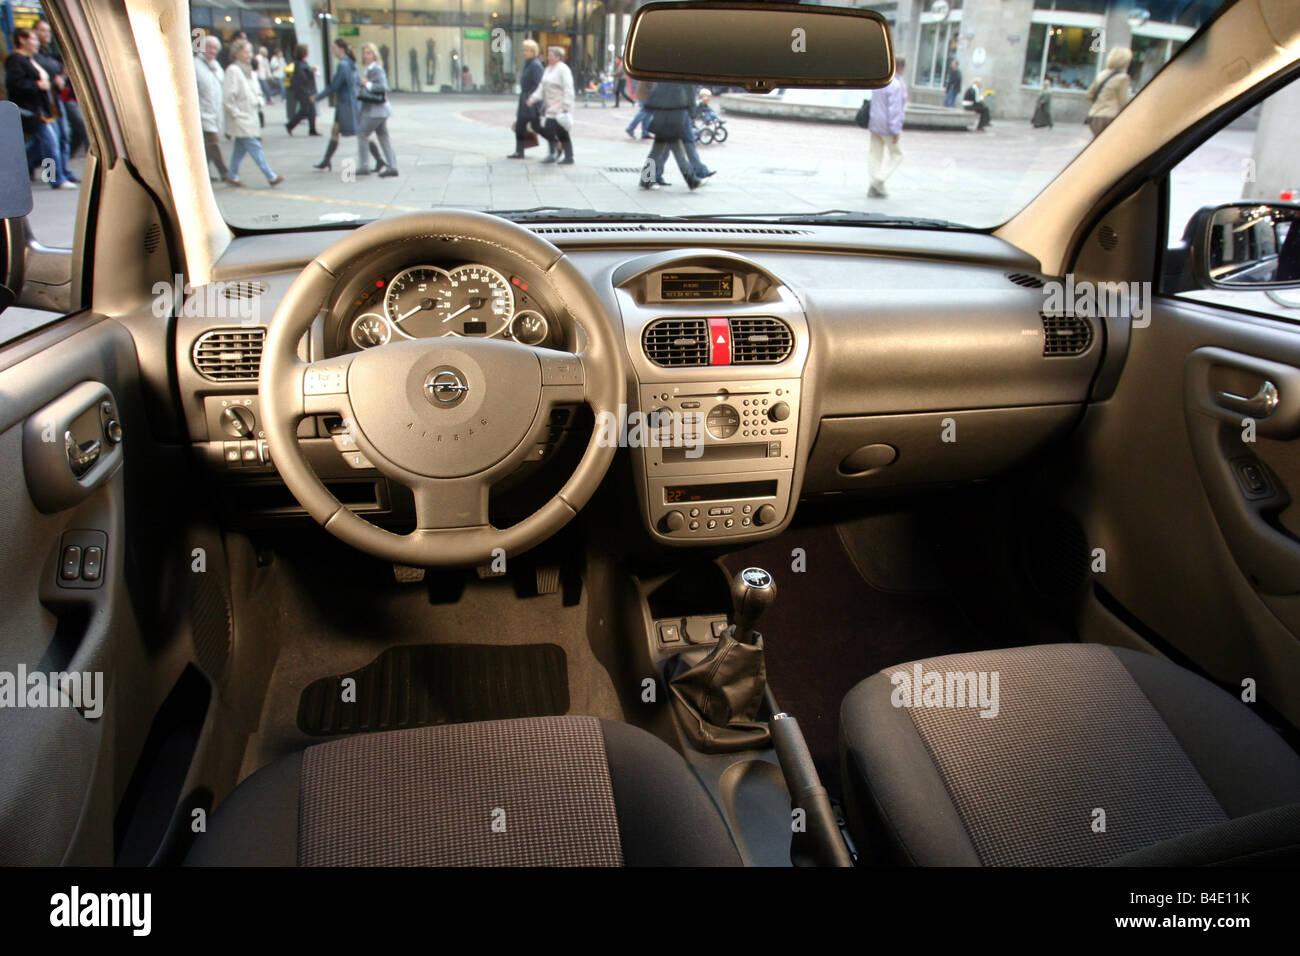 Car Opel Corsa 1 3 Cdti Stock Photos & Car Opel Corsa 1 3 Cdti Stock ...